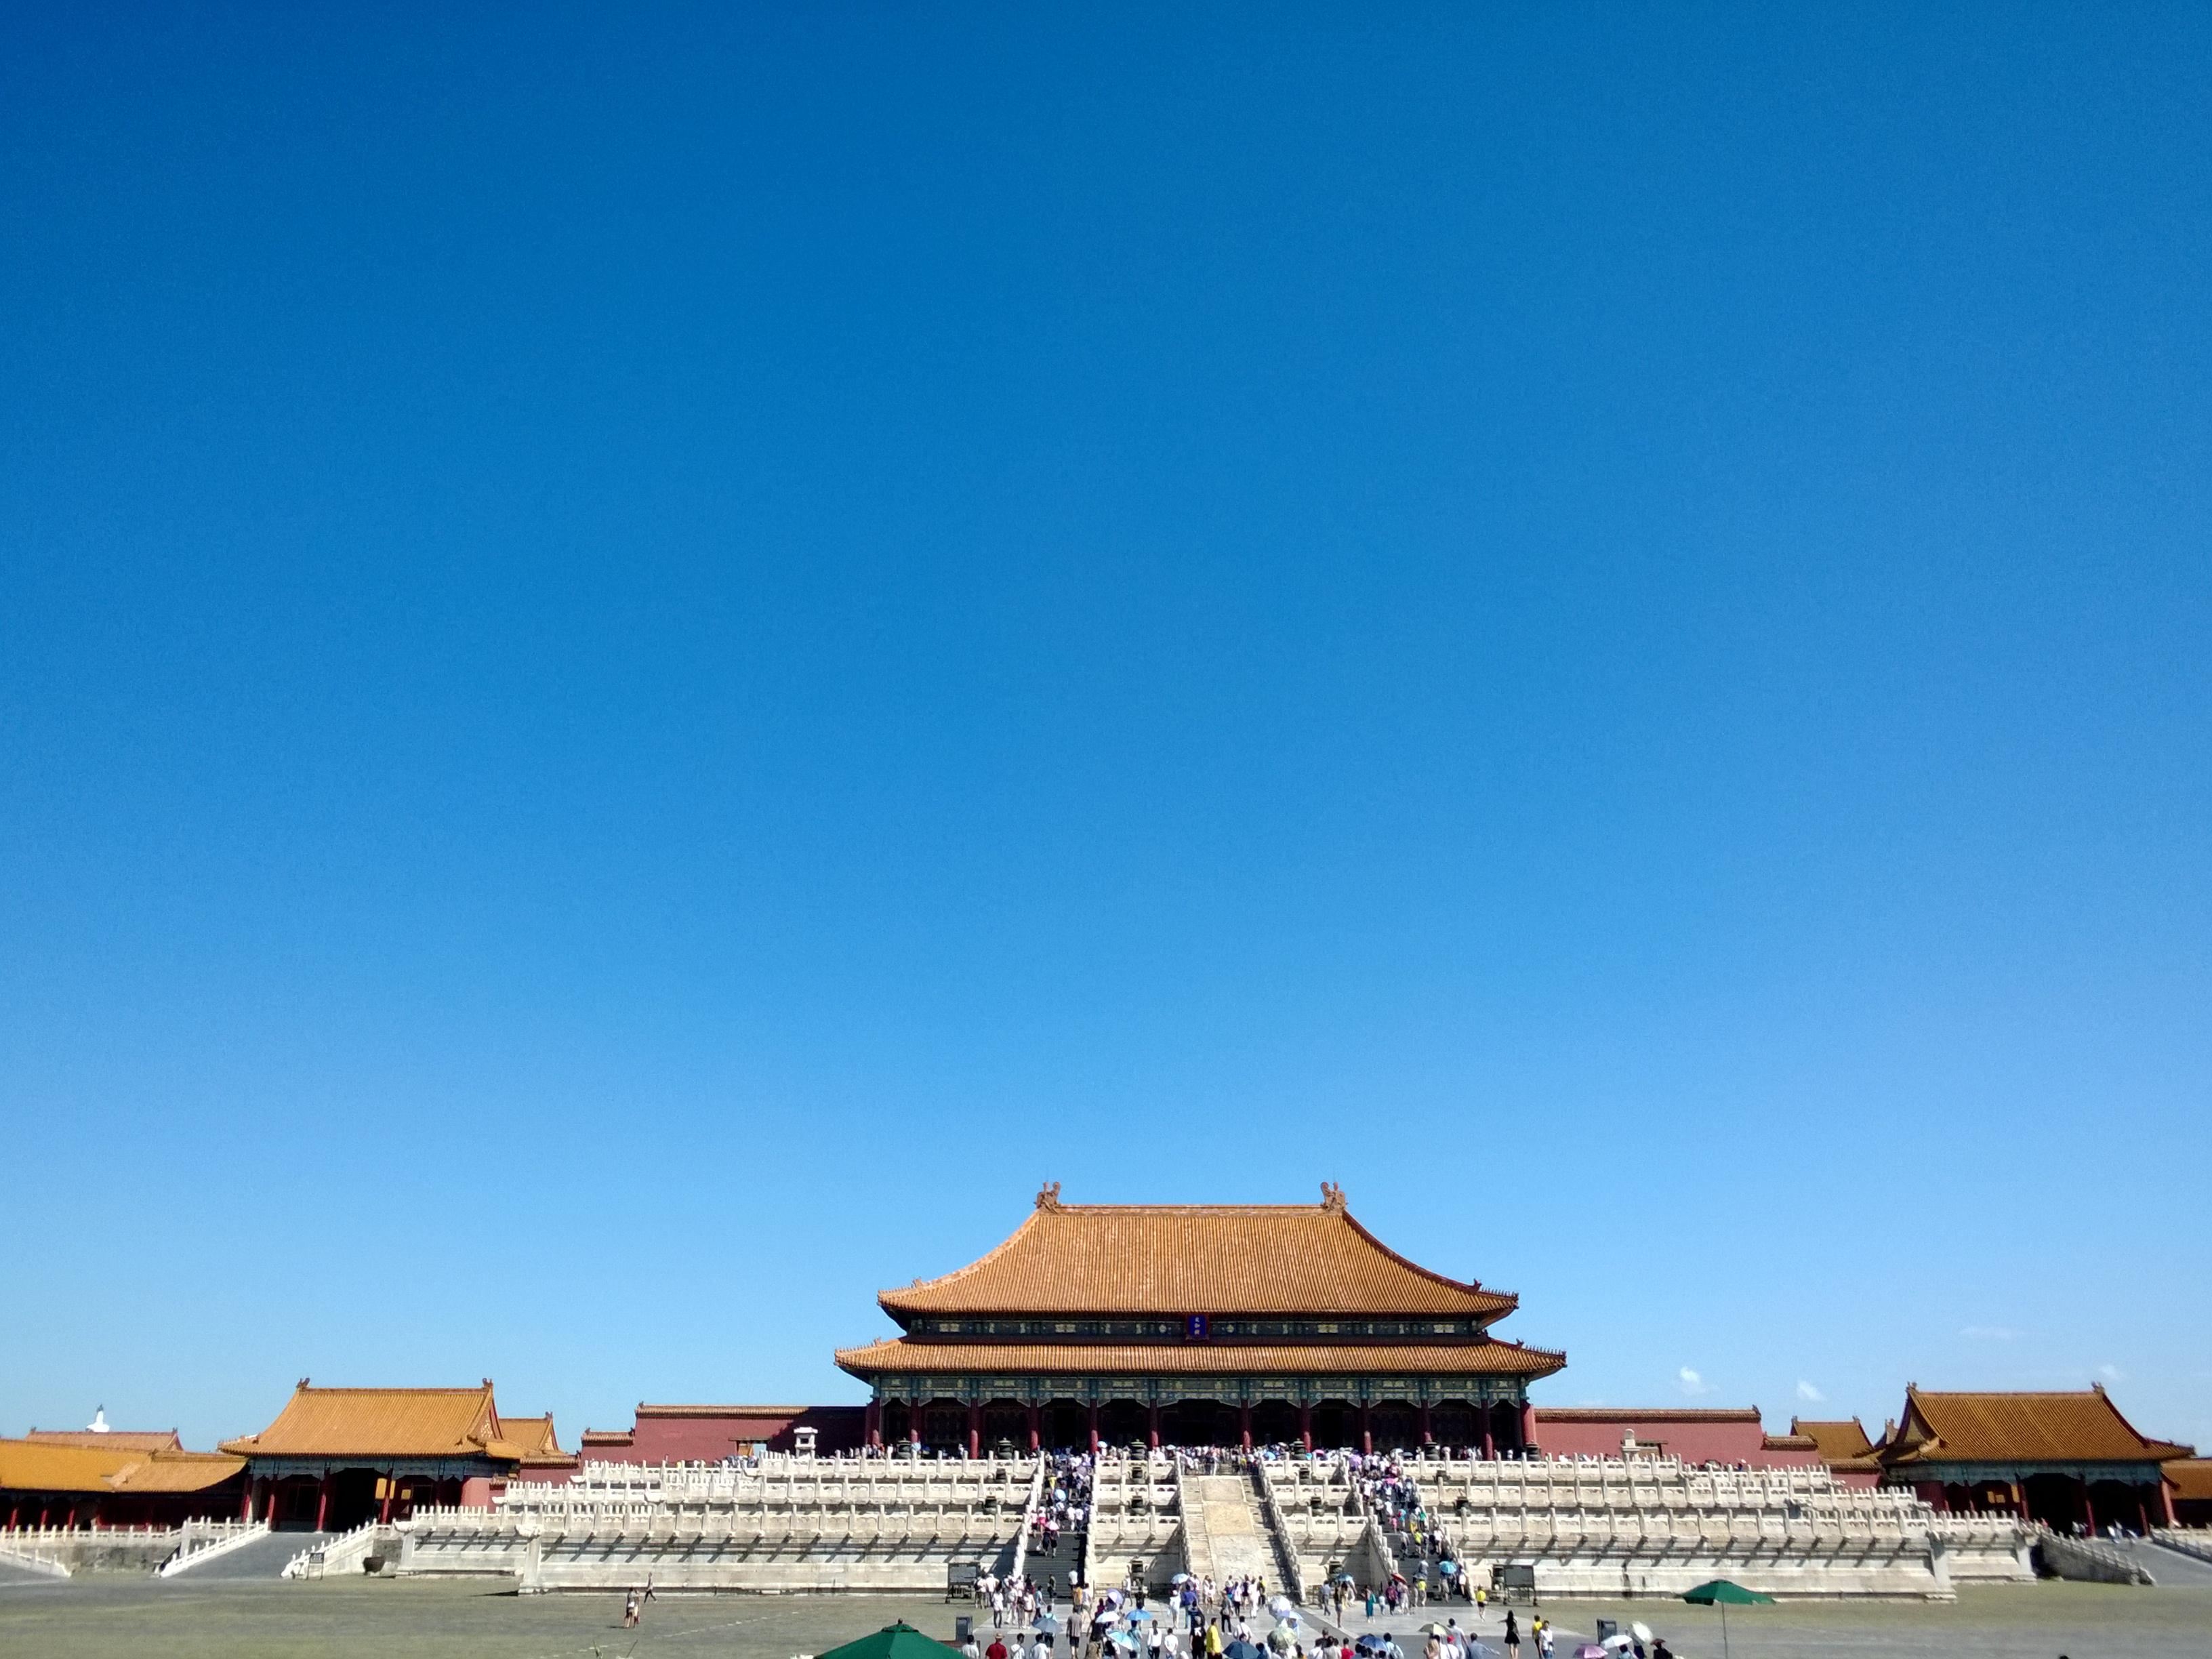 【携程攻略】北京故宫适合朋友出游旅游吗,故宫朋友